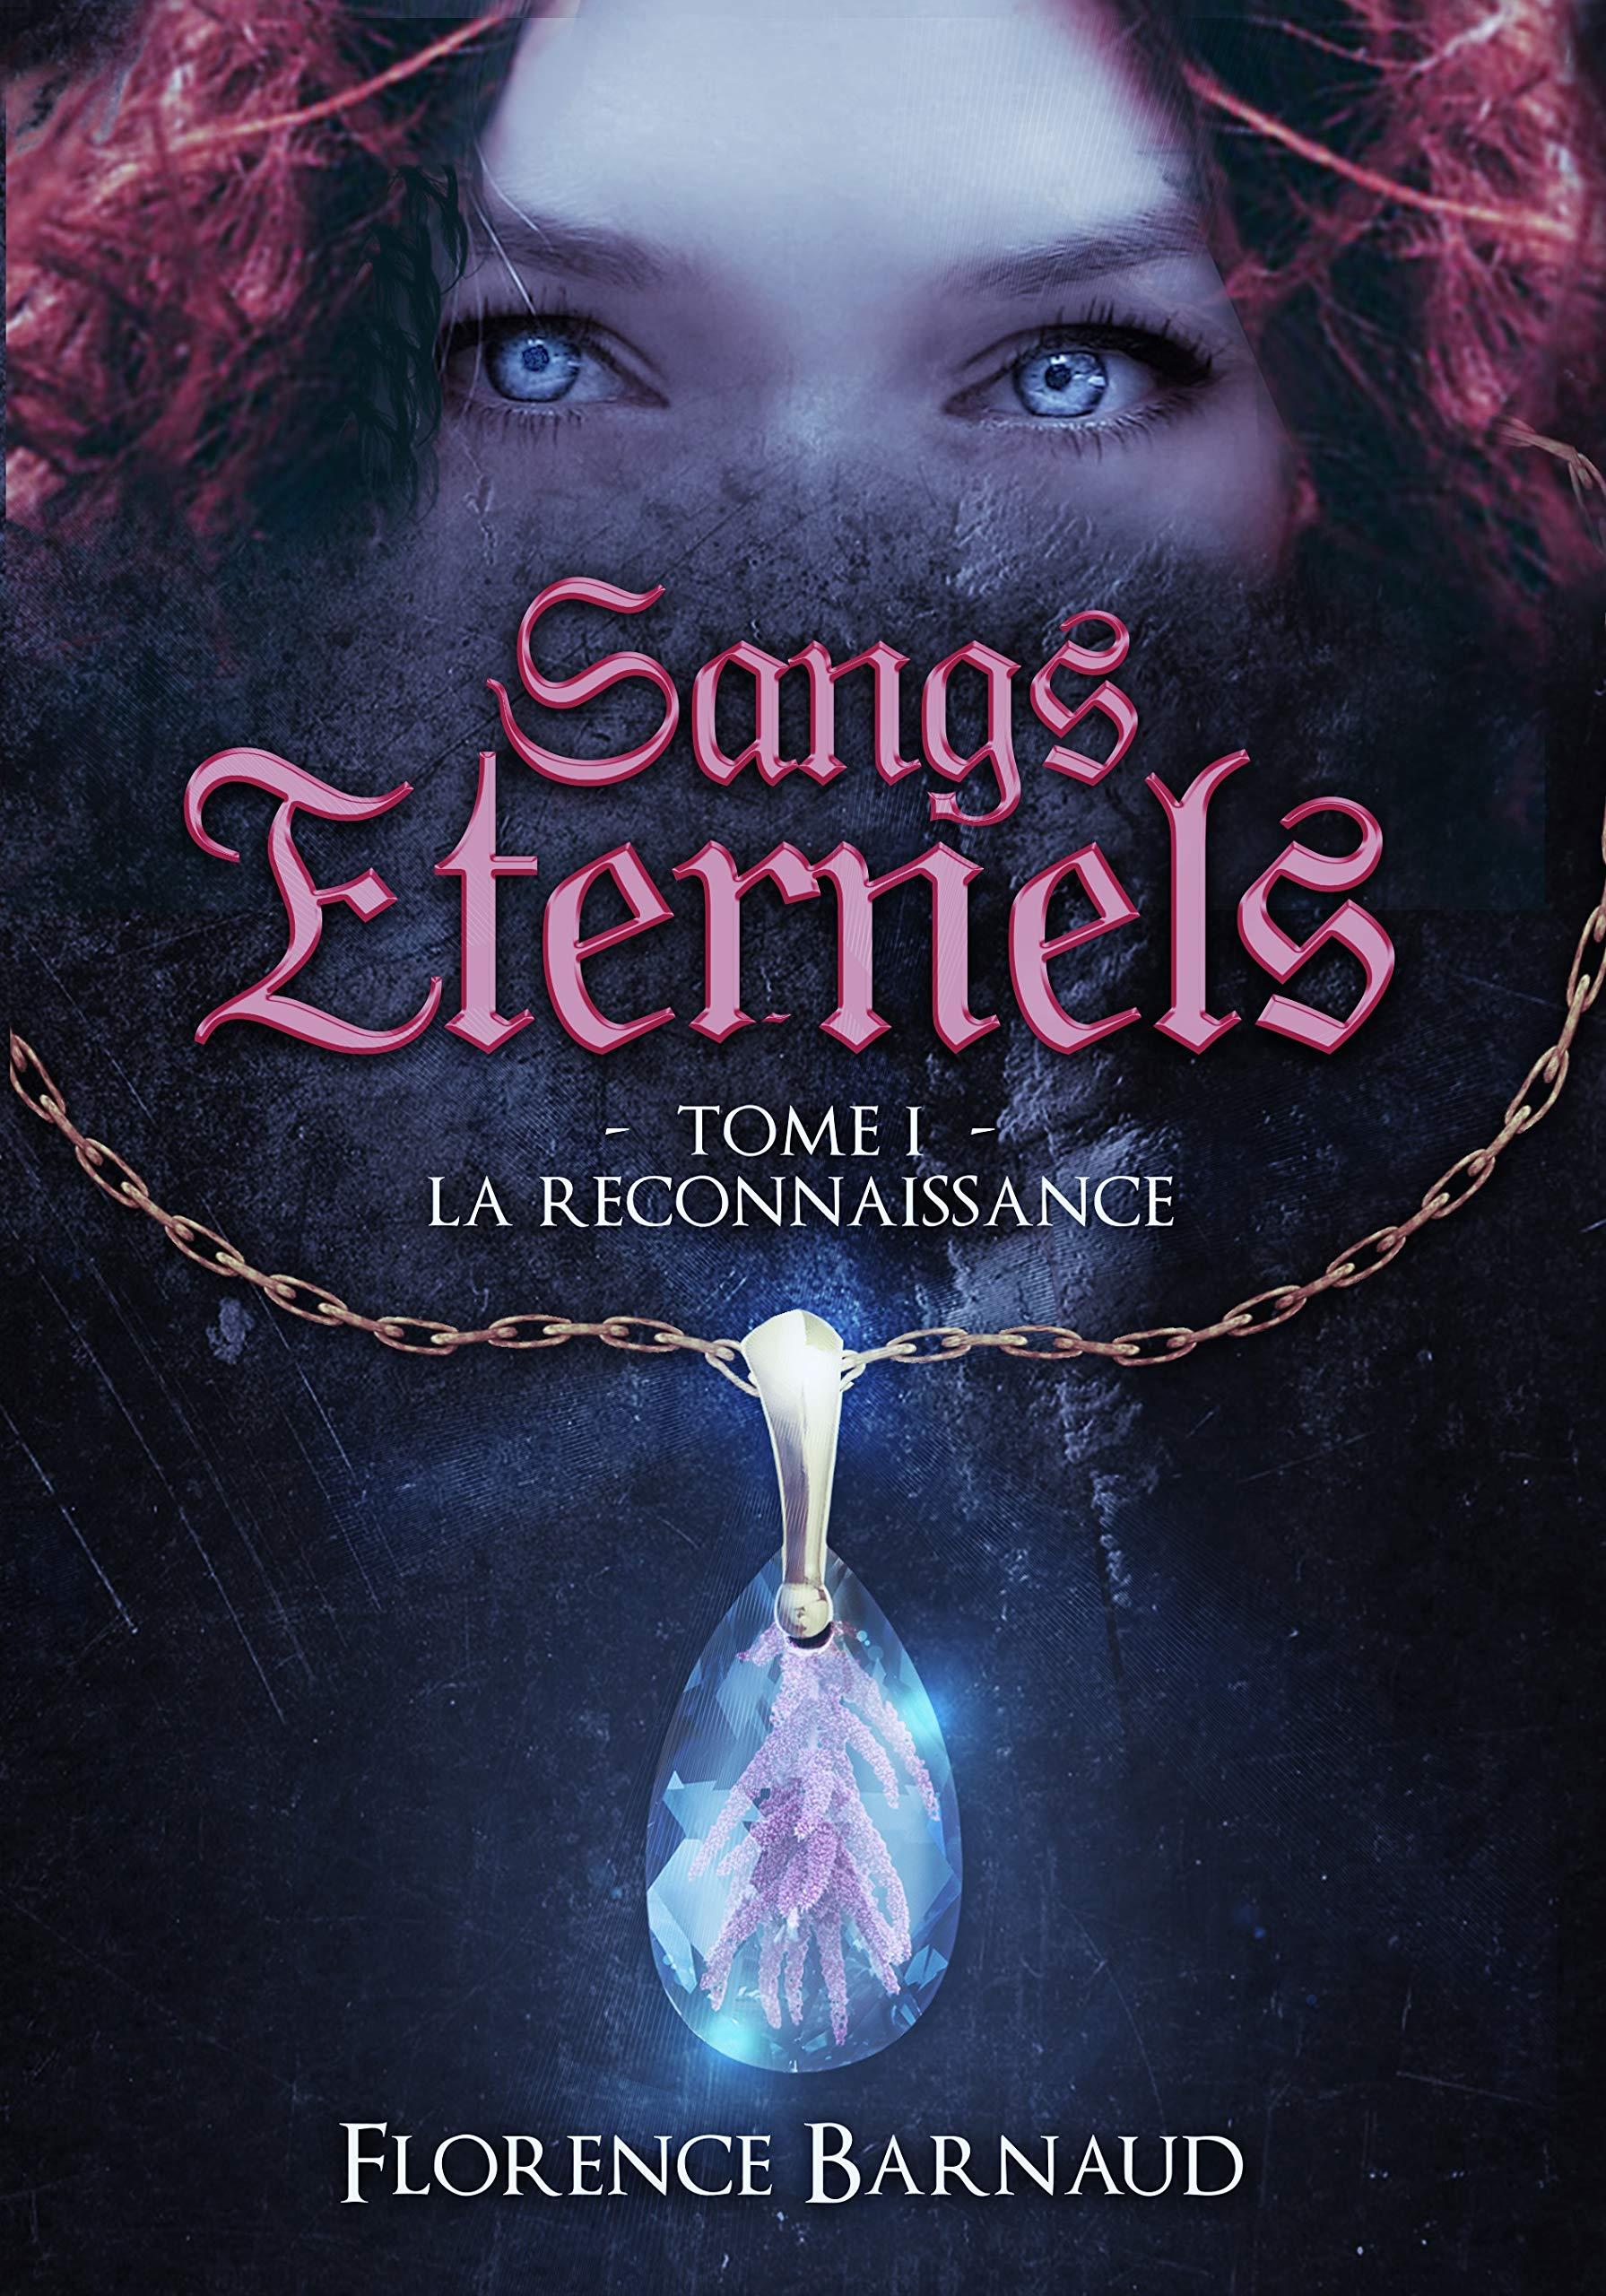 Sangs Éternels - Tome 1: La Reconnaisance por Florence BARNAUD